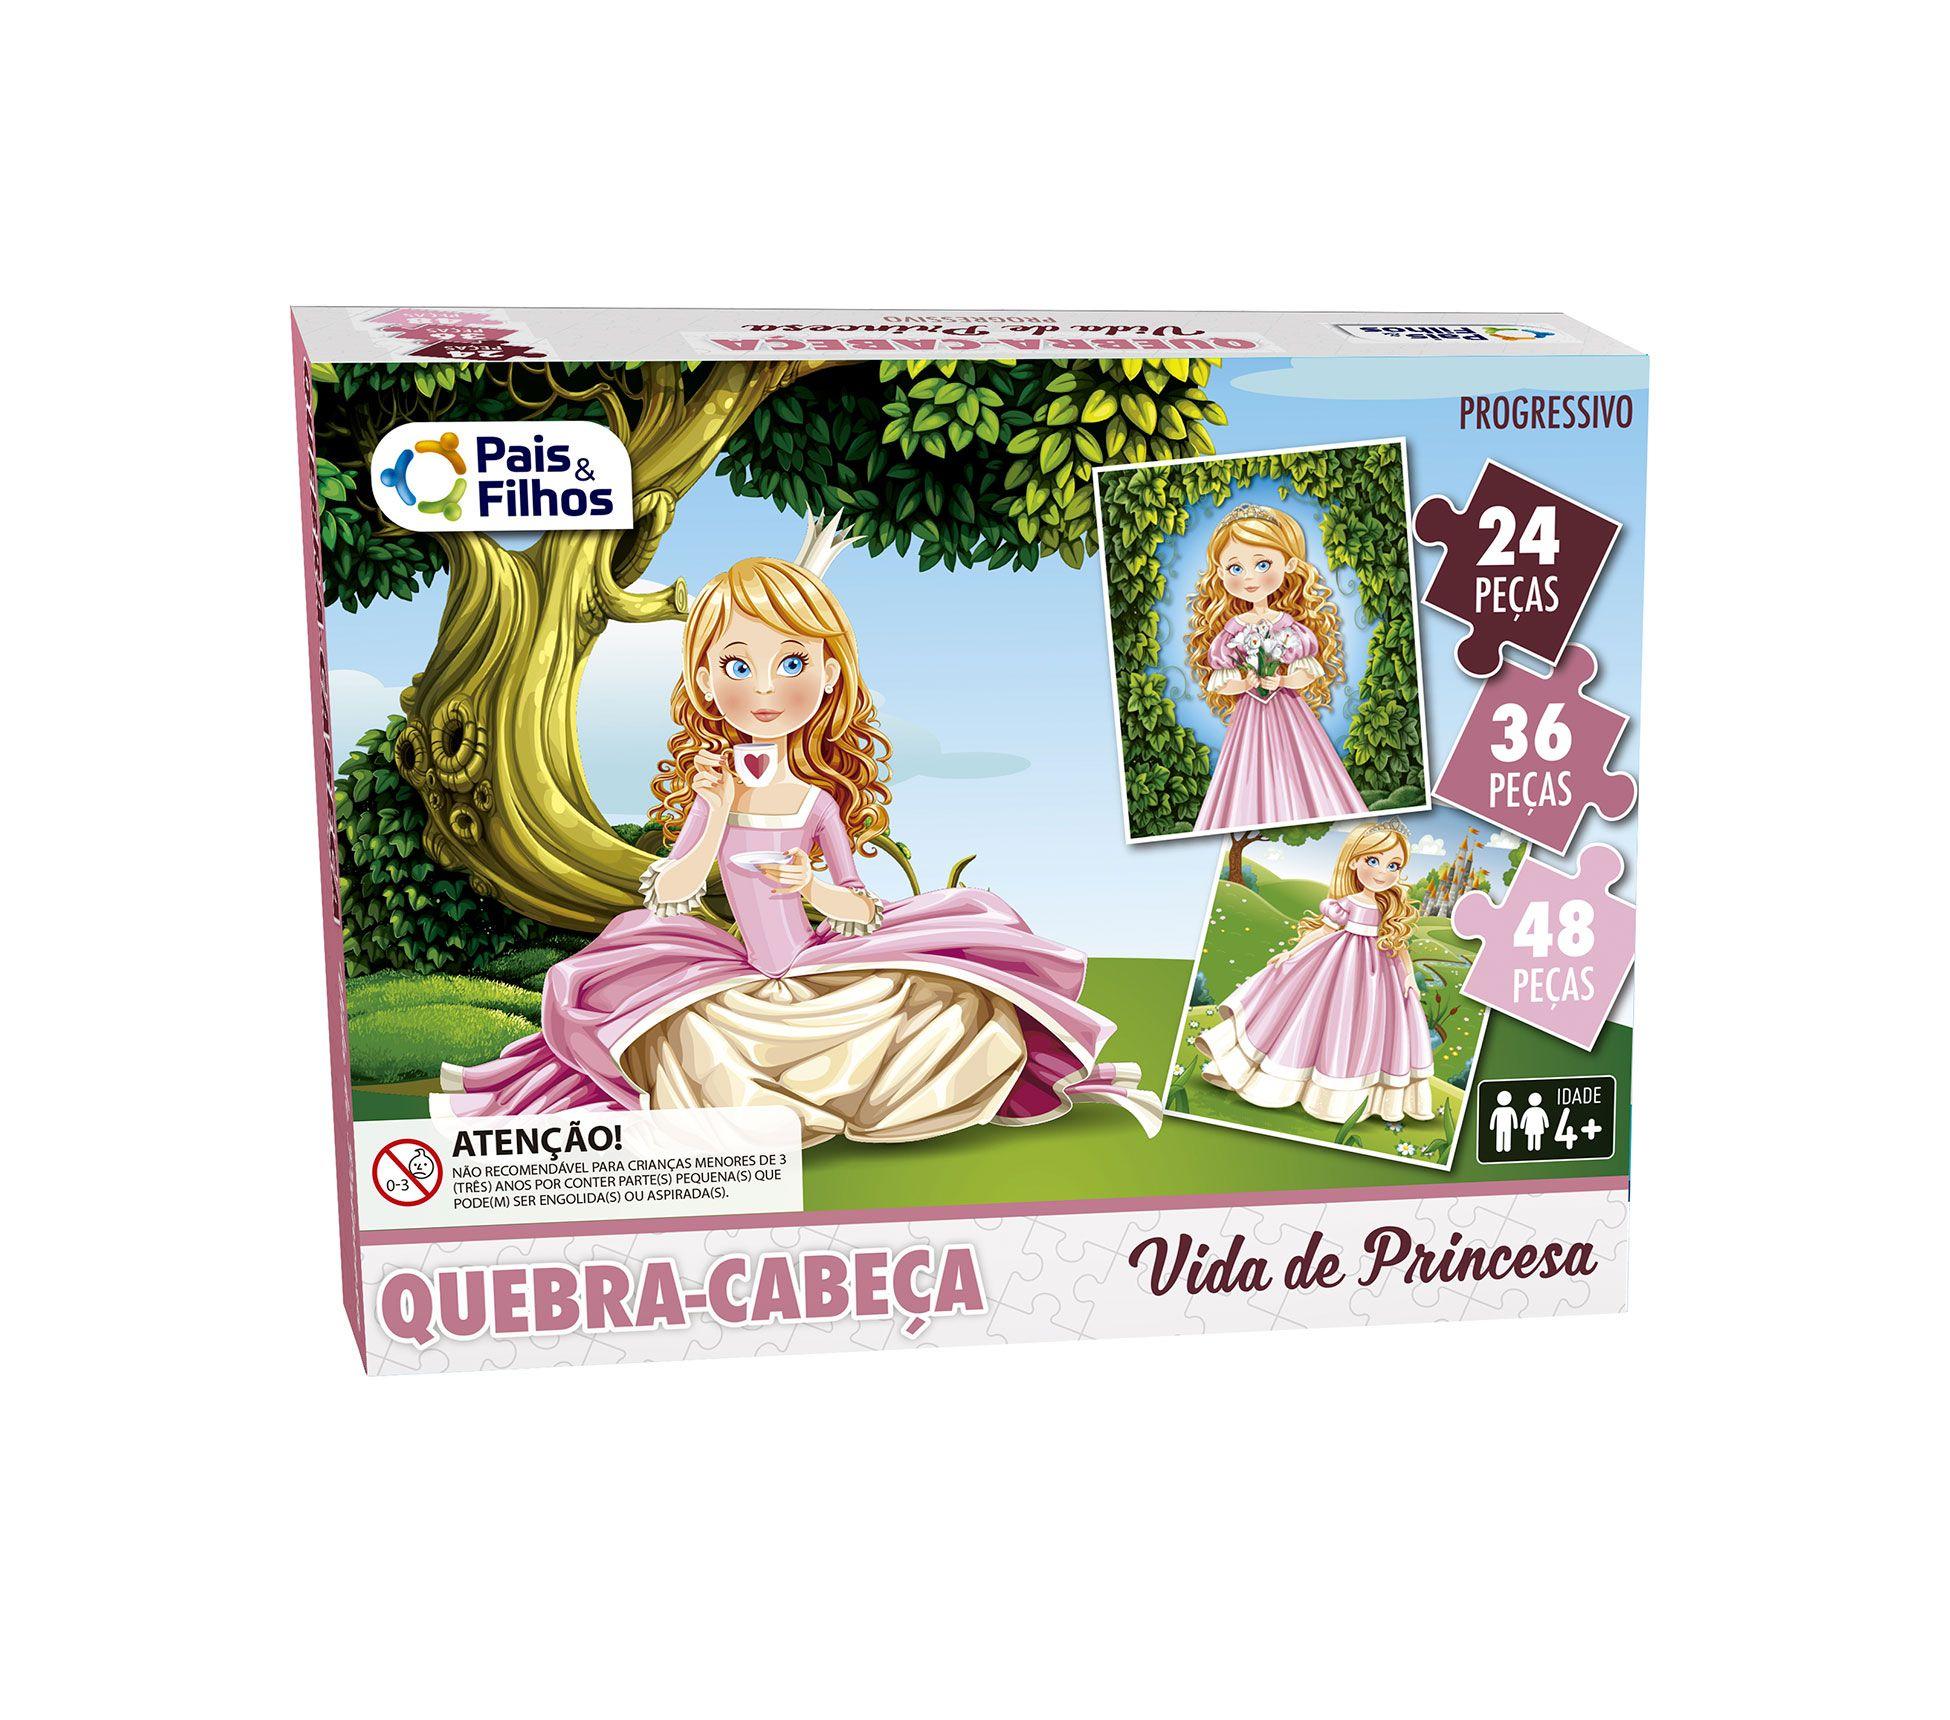 Quebra-Cabeça Progressivo Vida de Princesa-2846